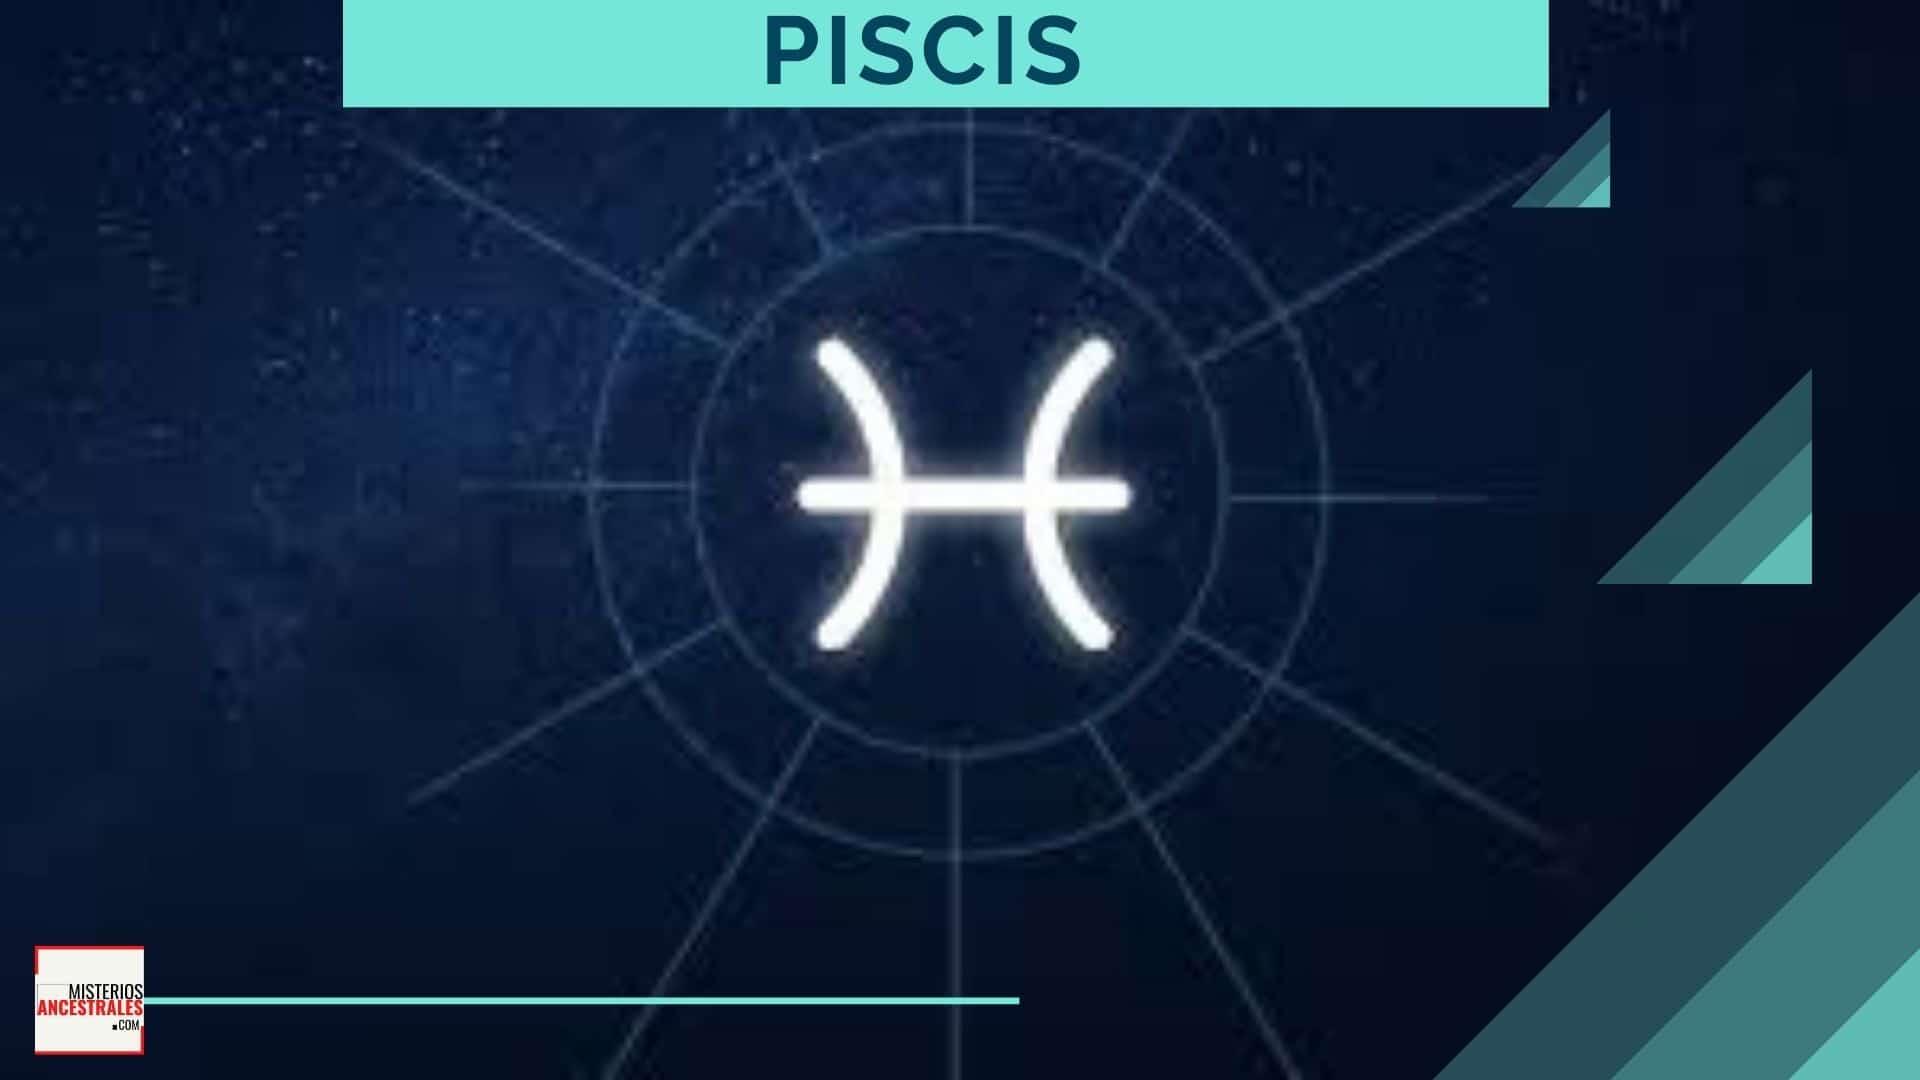 Signo Piscis